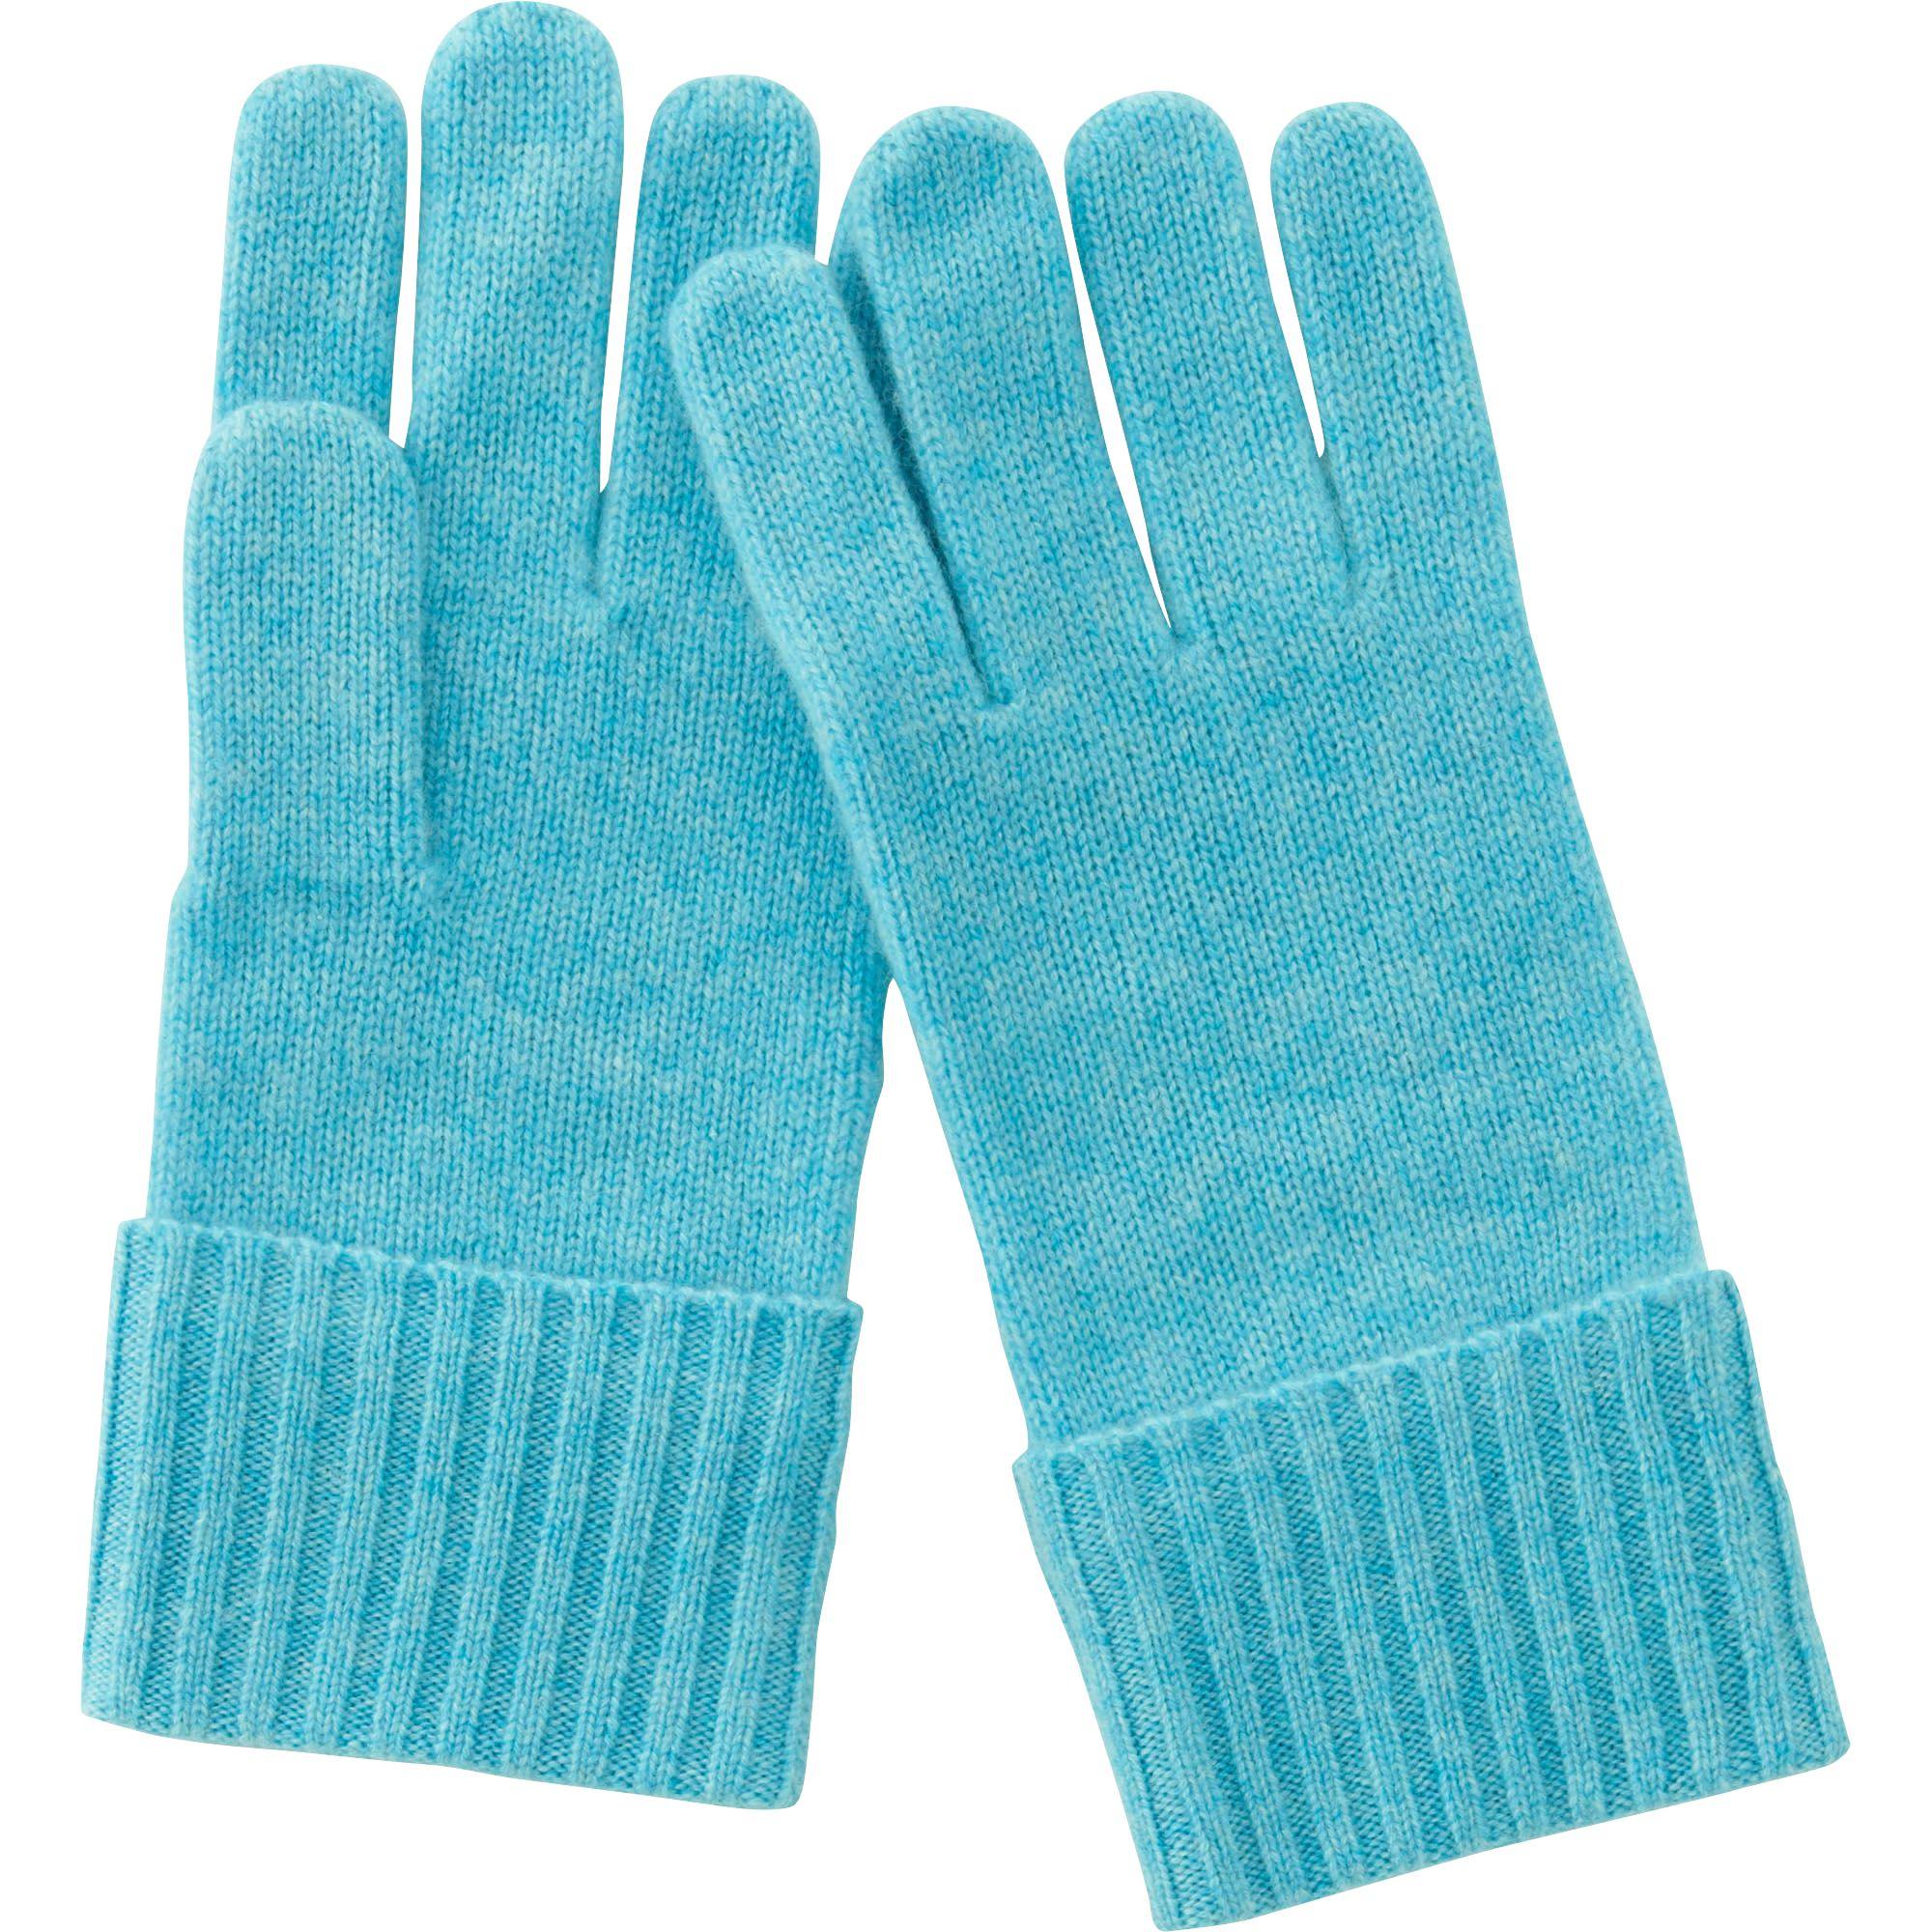 Uniqlo Cashmere Knit Gloves in Blue  3186337e9e82